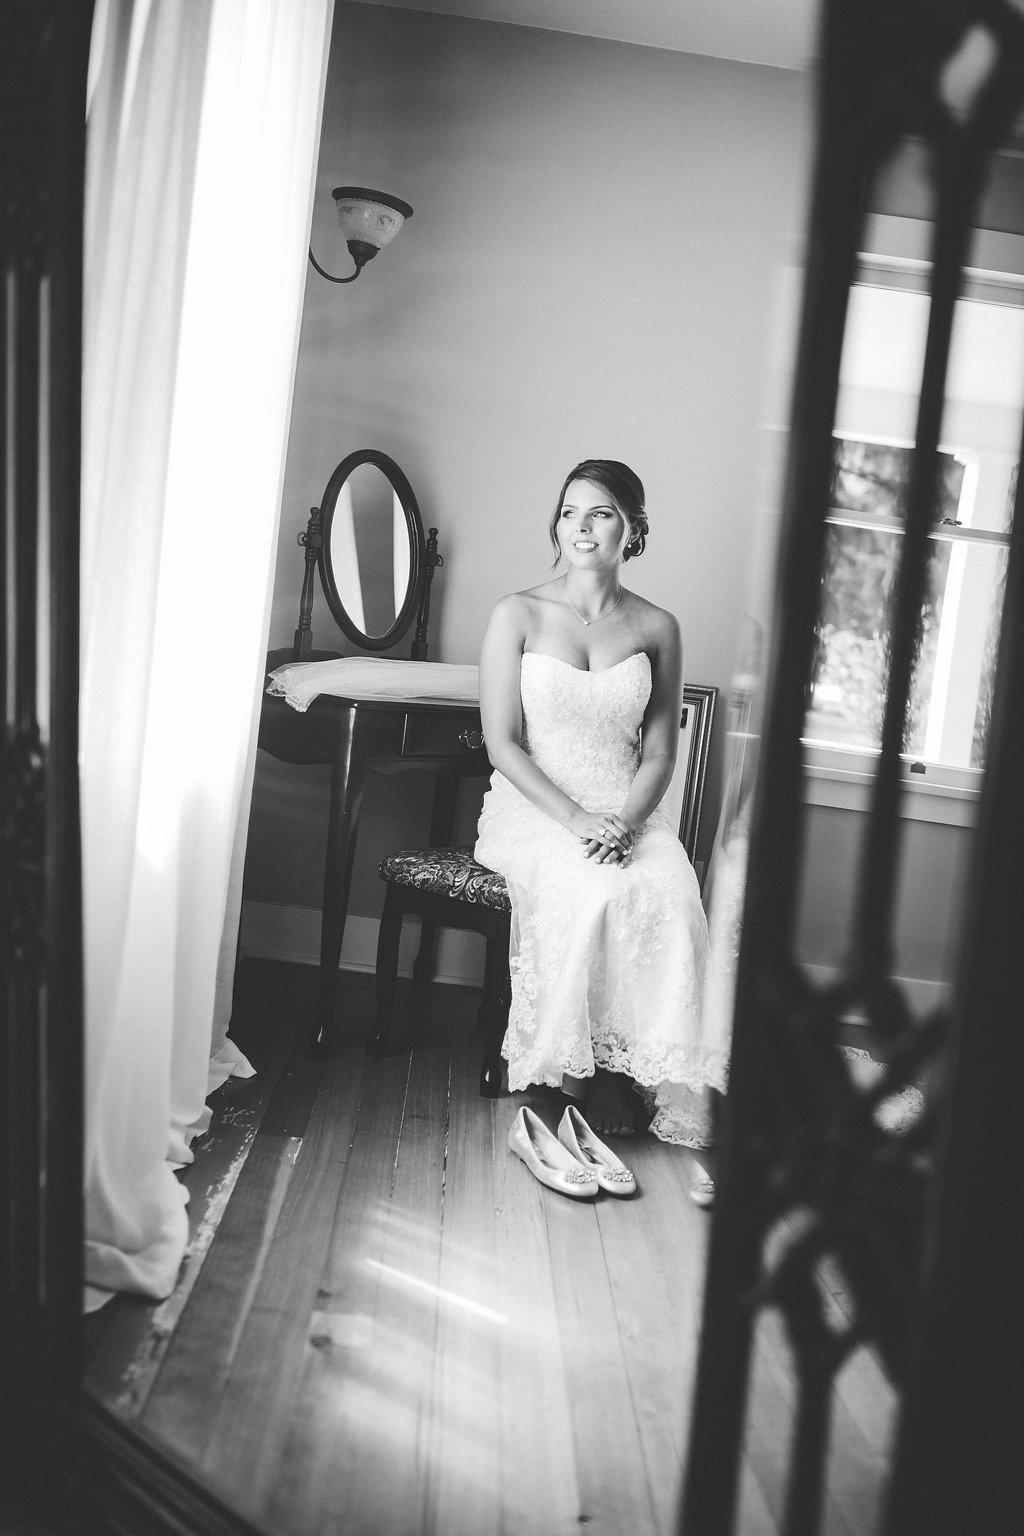 Erin+Tyson_The_Kelley_Farm_Wedding_by_Adina_Preston_Weddings_215.JPG